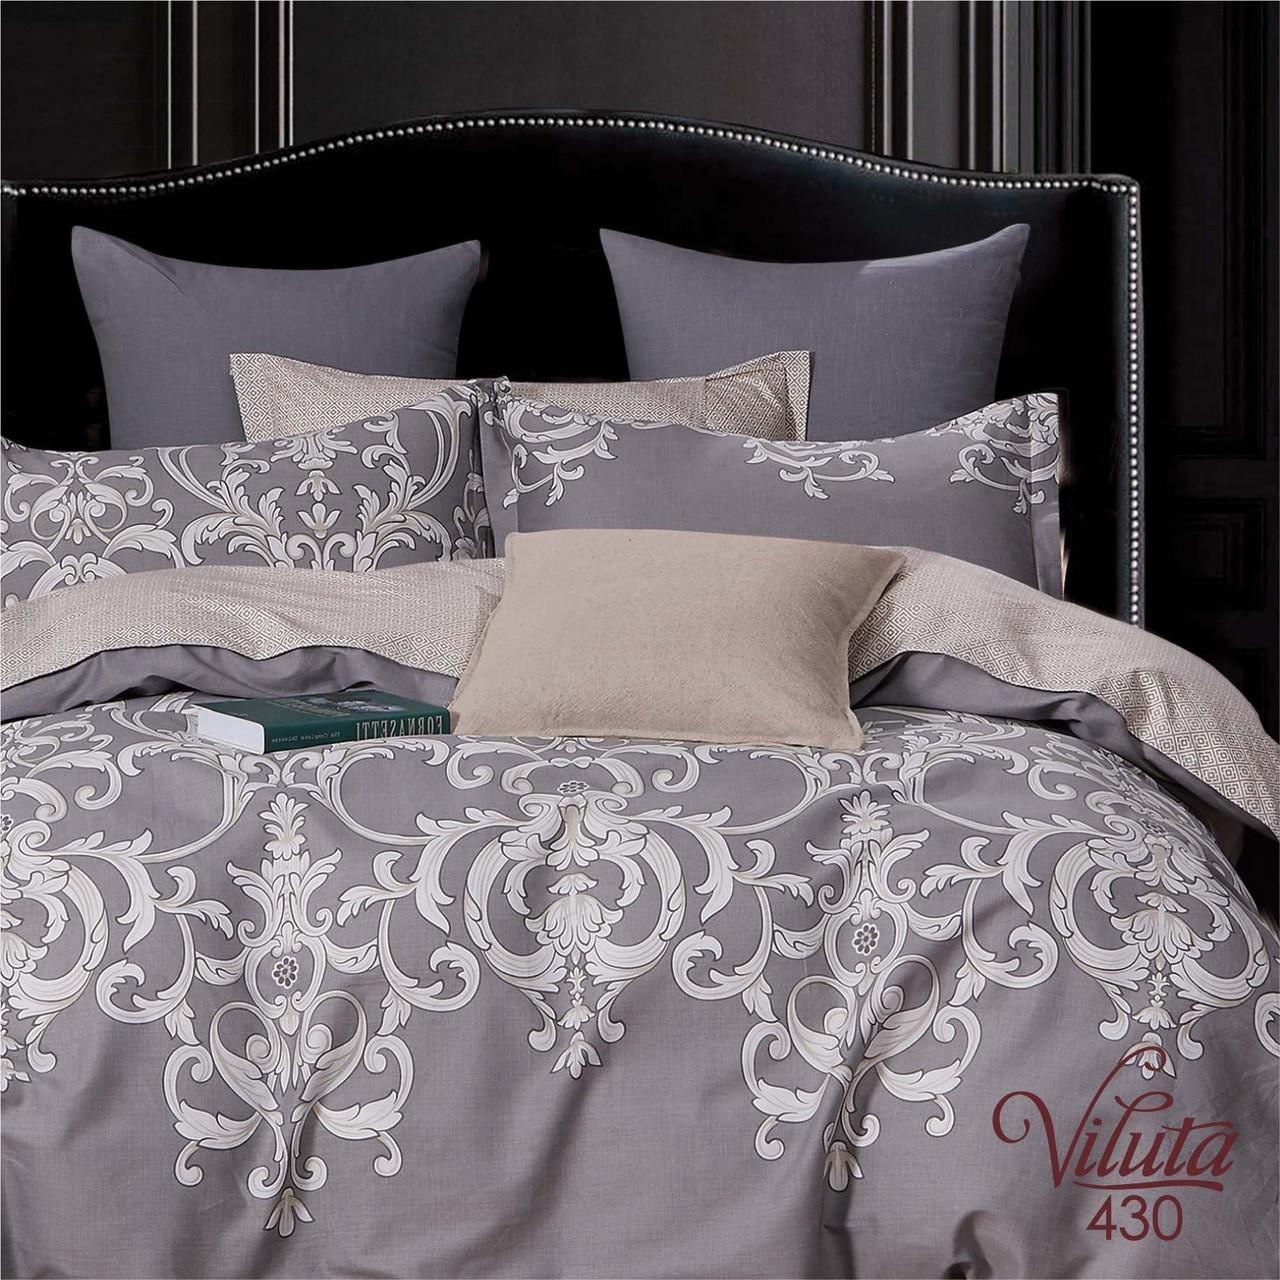 Постельное белье Viluta Сатин Твил 430 Двуспальный